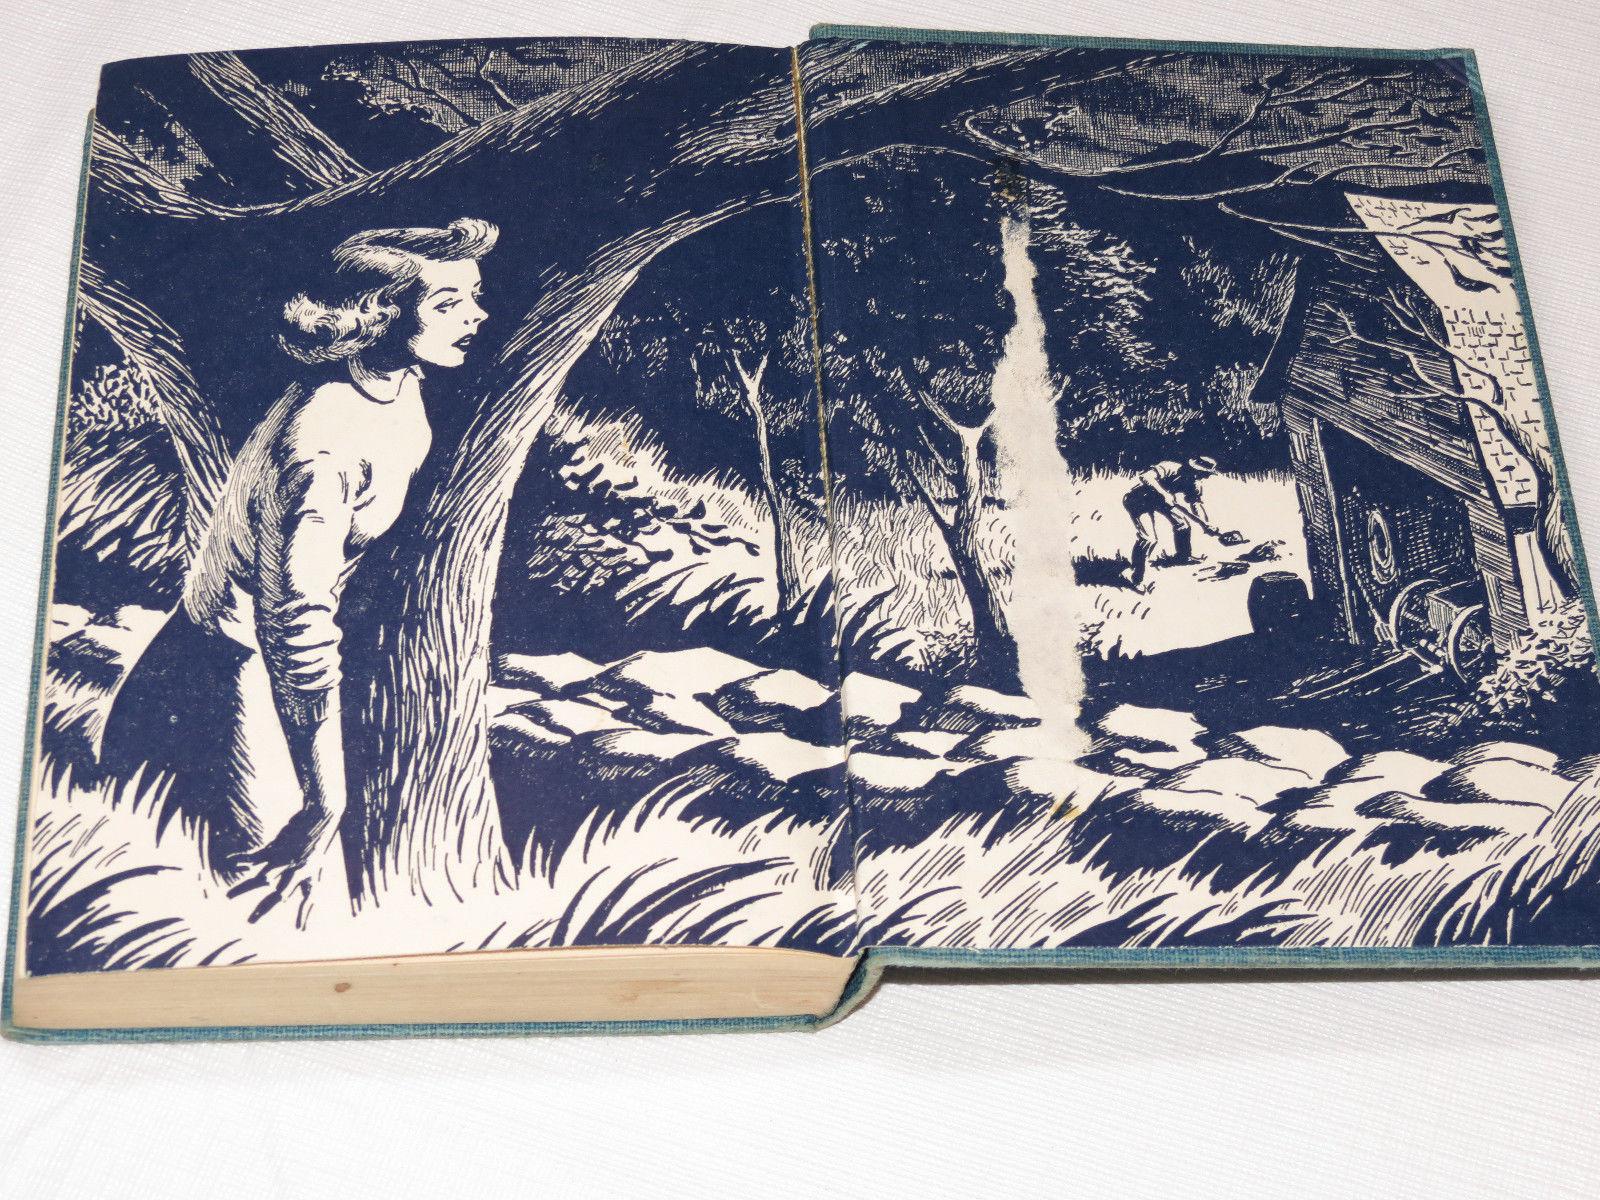 Nancy Drew Mystery The Clue of the Velvet Mask Carolyn Keene 1953 hardback #%